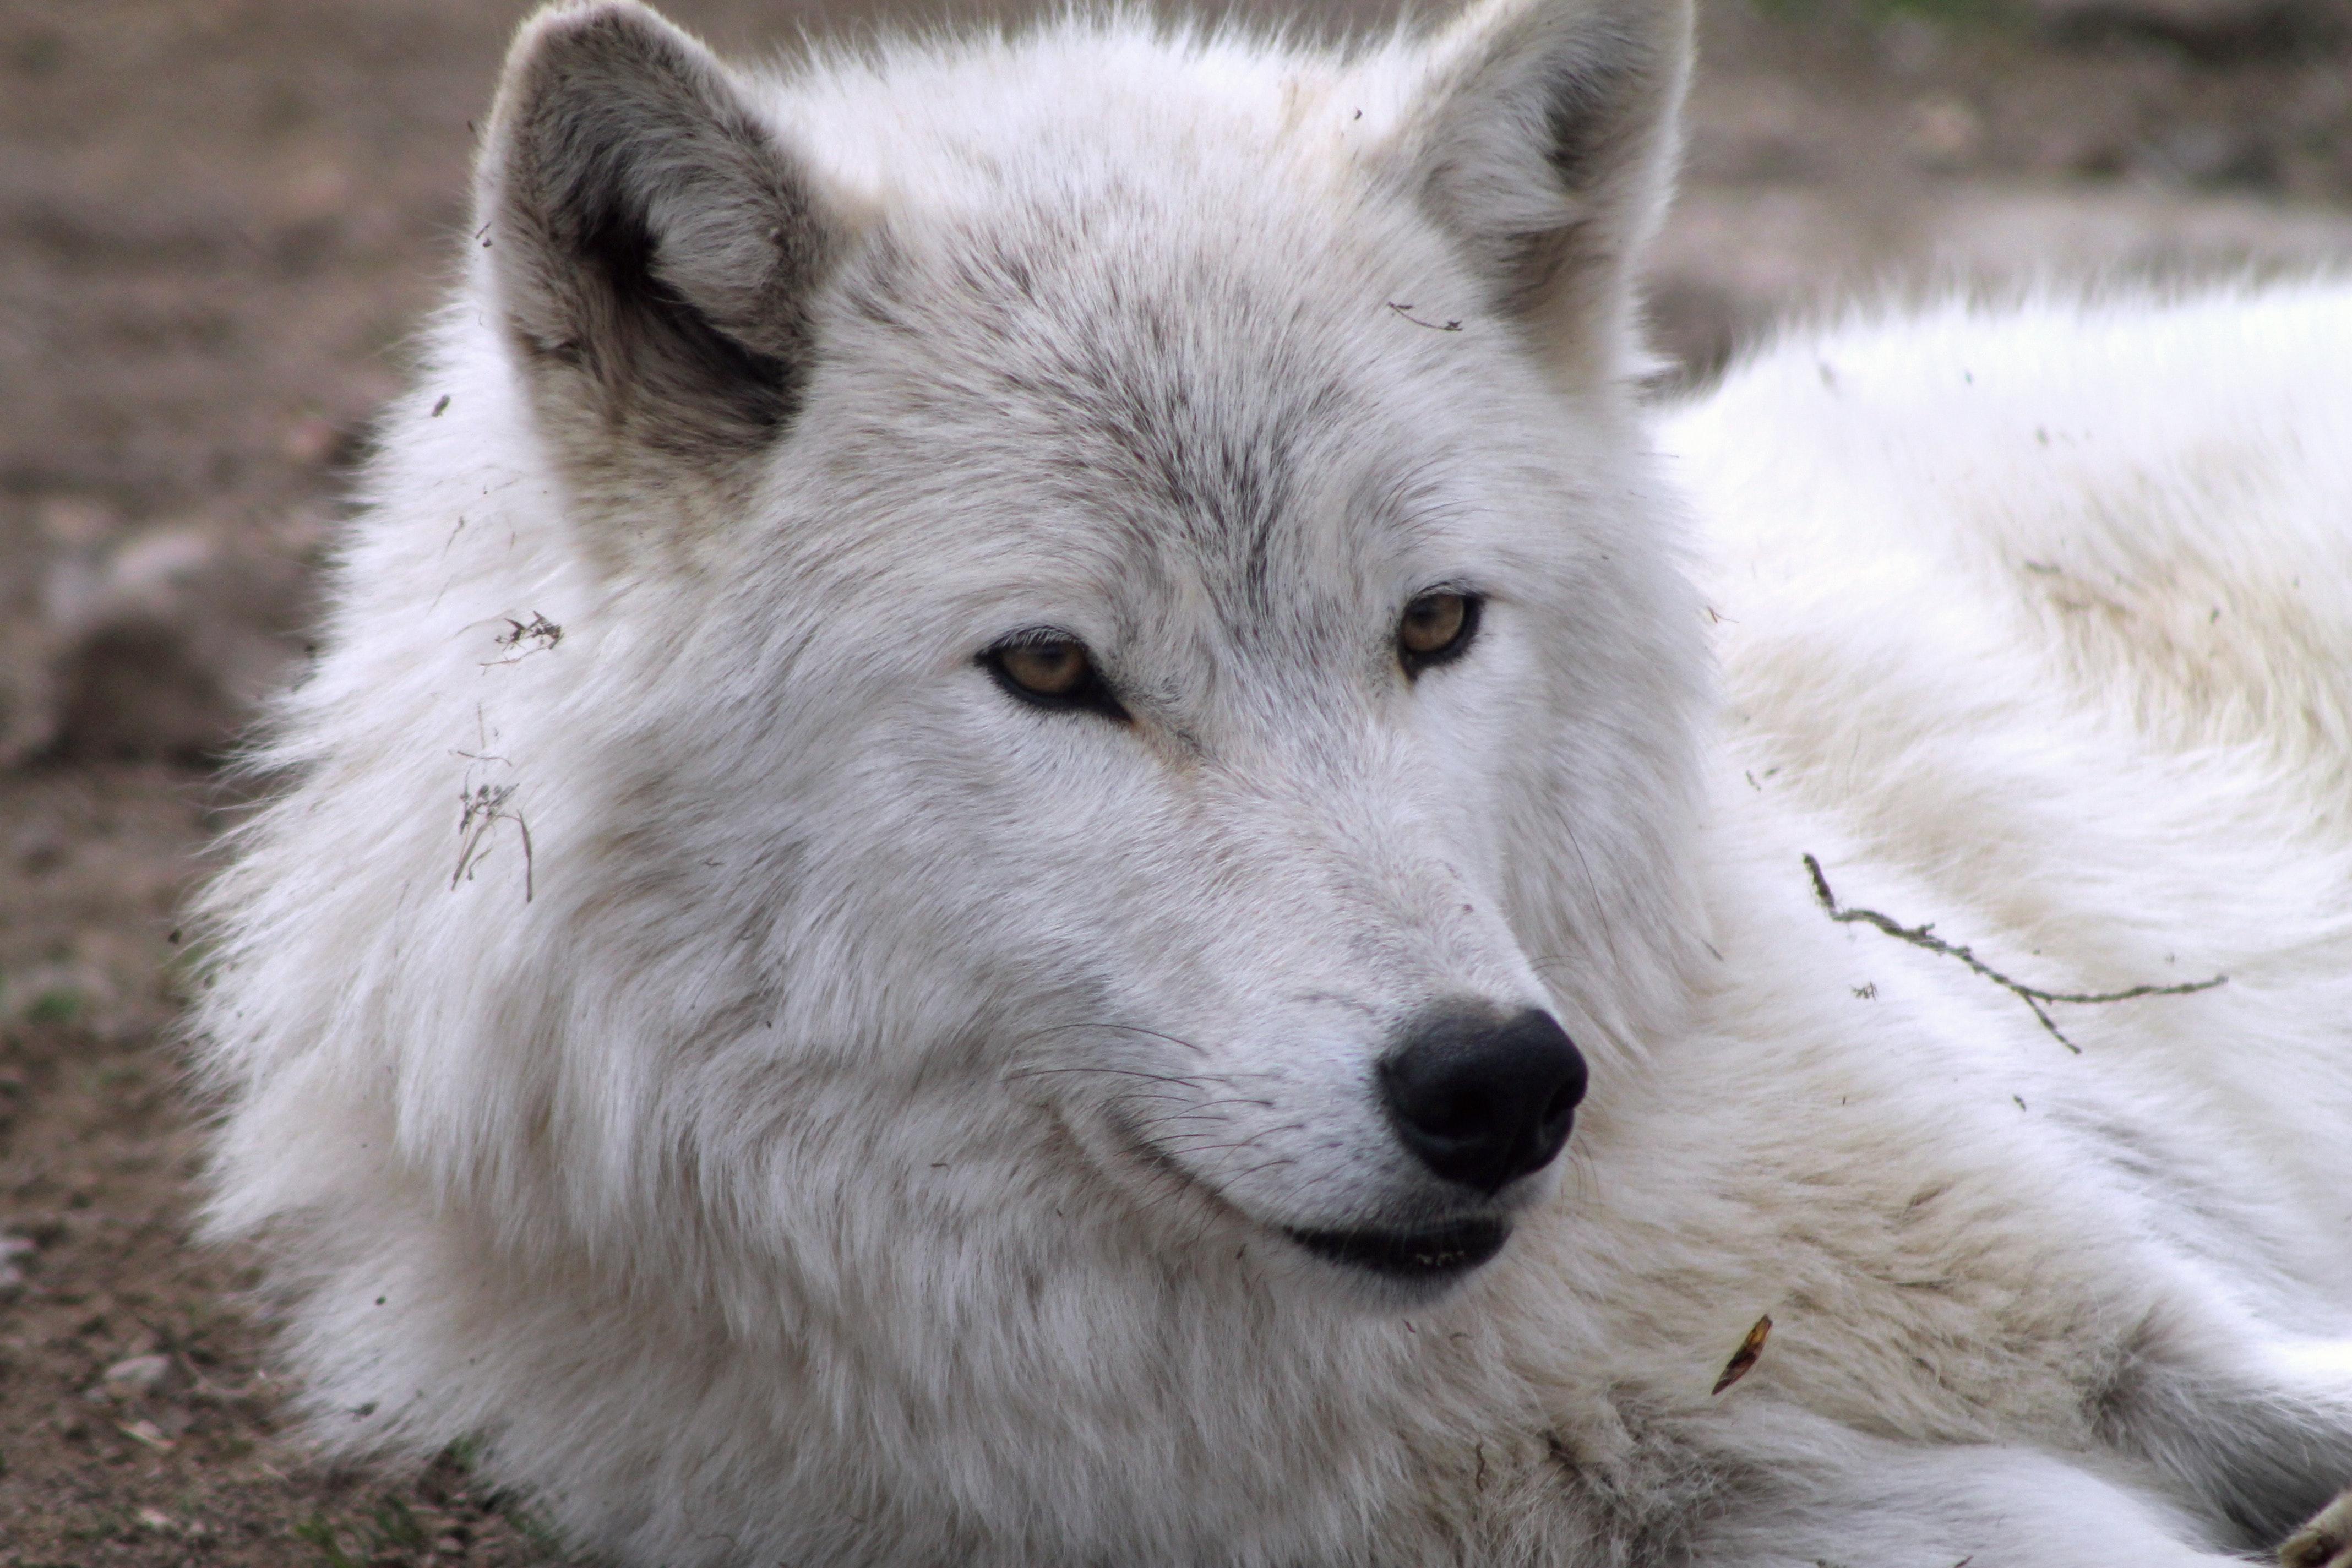 ホッキョクオオカミ 狼 白いオオカミの無料の写真素材